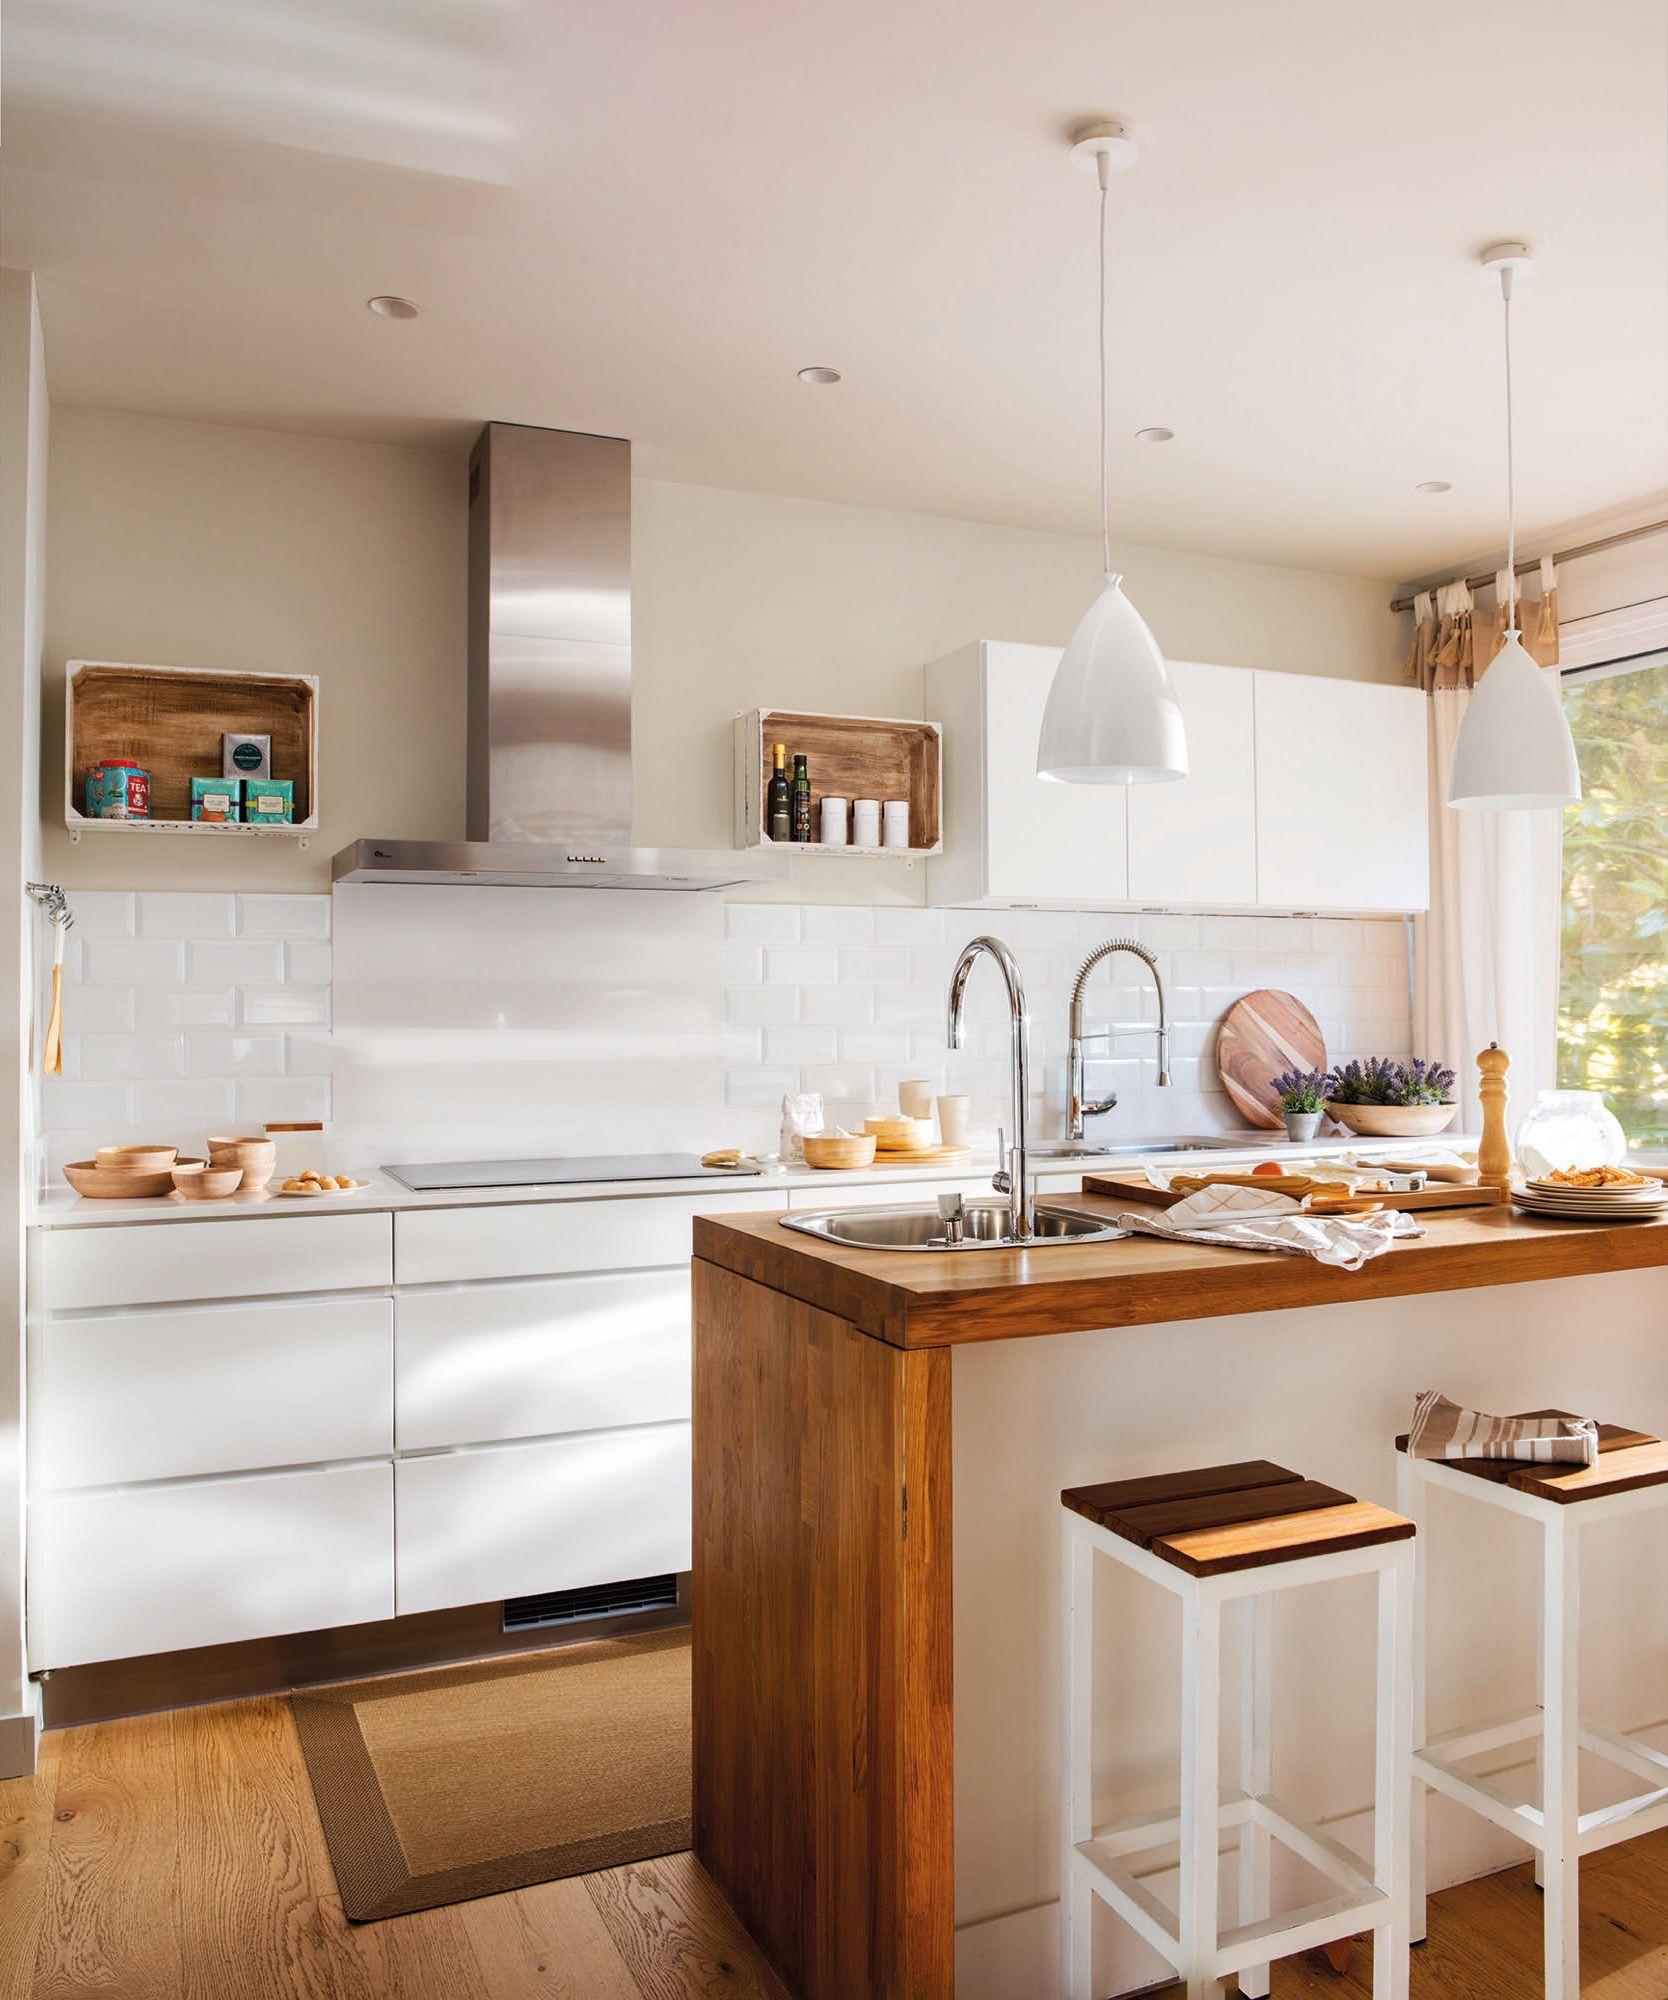 Cocina con isla central en blanco y madera decoraci n for Pisos para cocina moderna